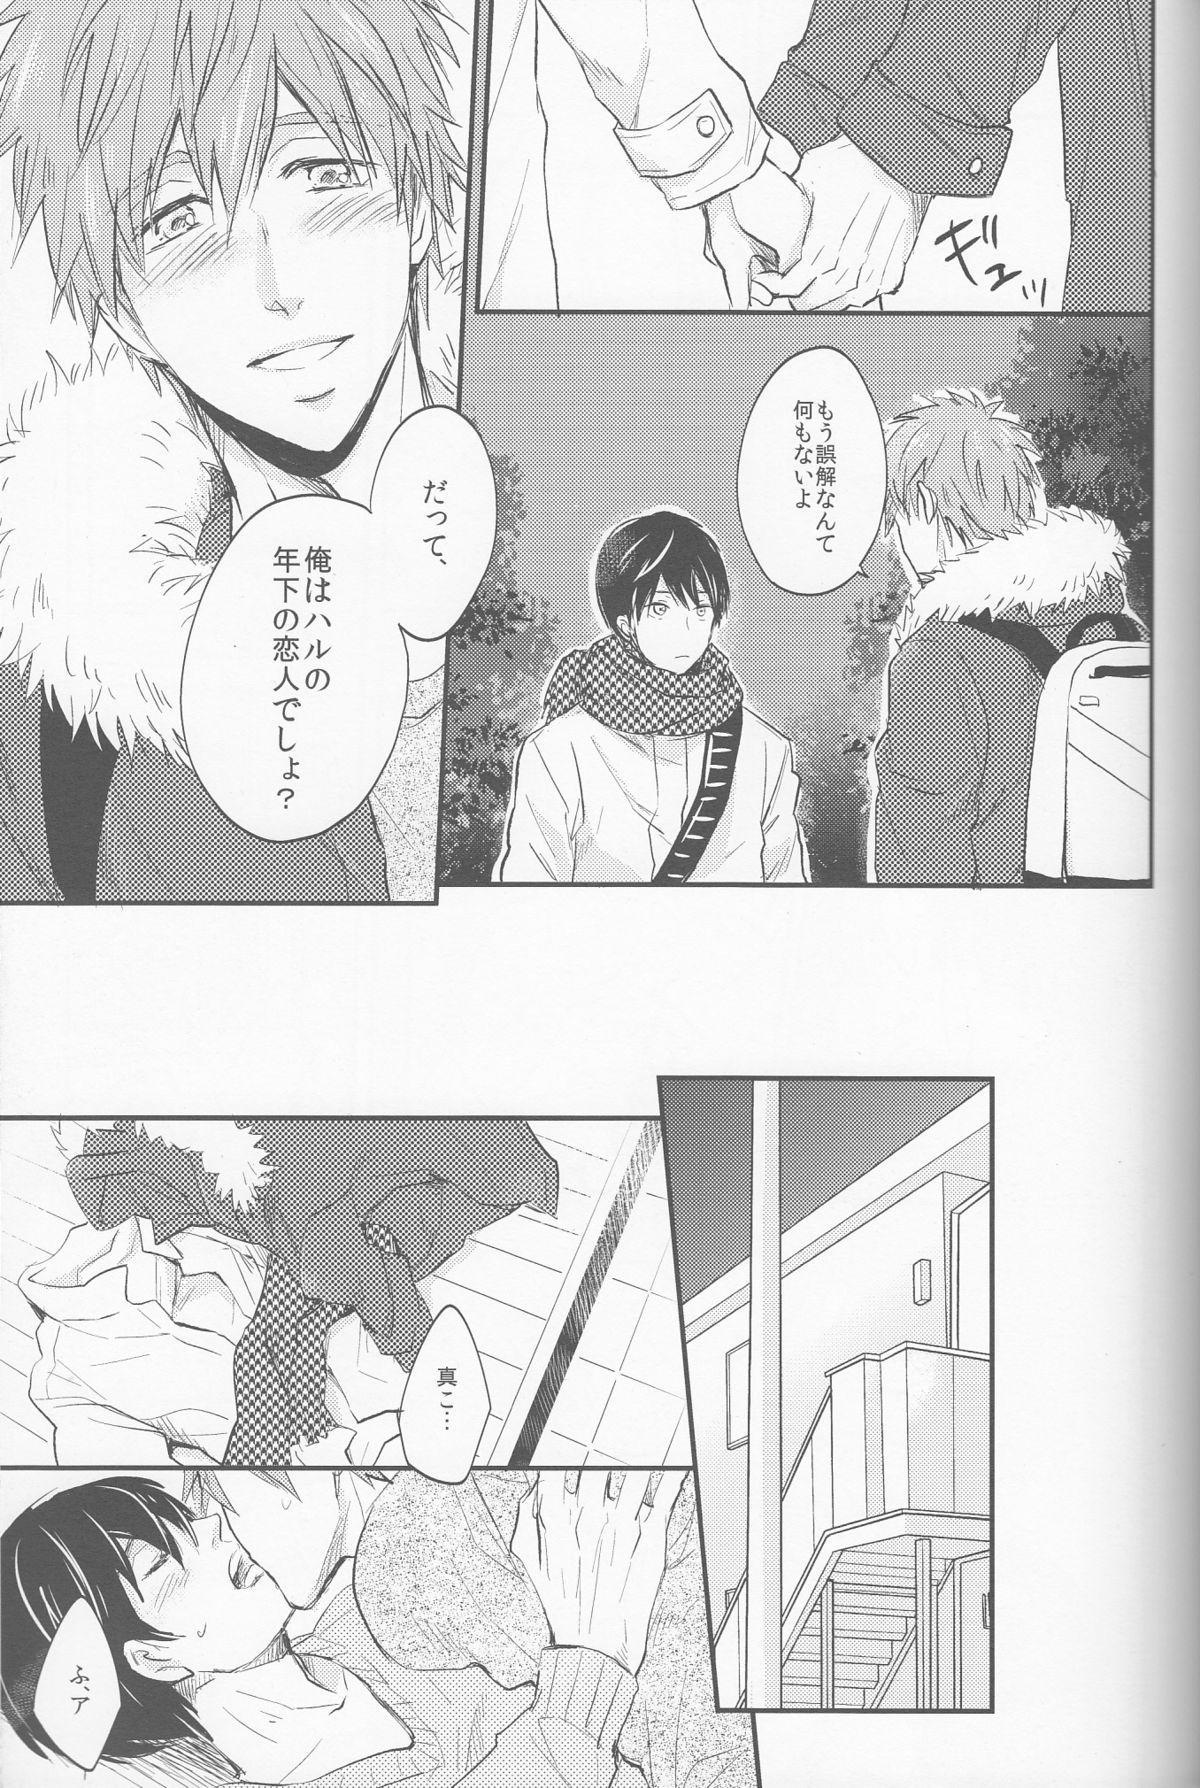 Seinaru Yoru wa Futari de 12